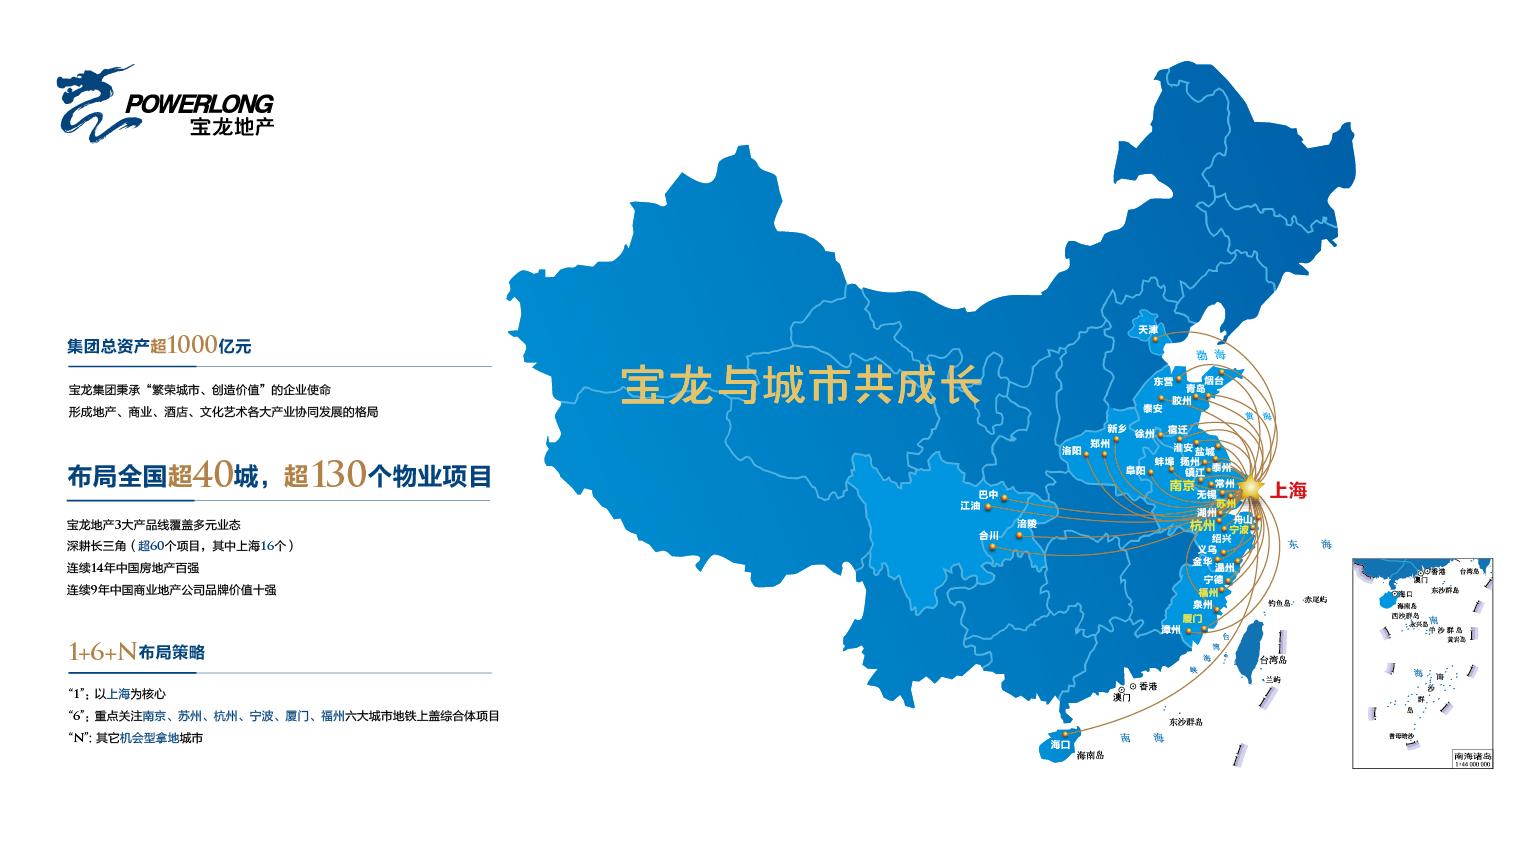 宝龙地产全国战略布局图